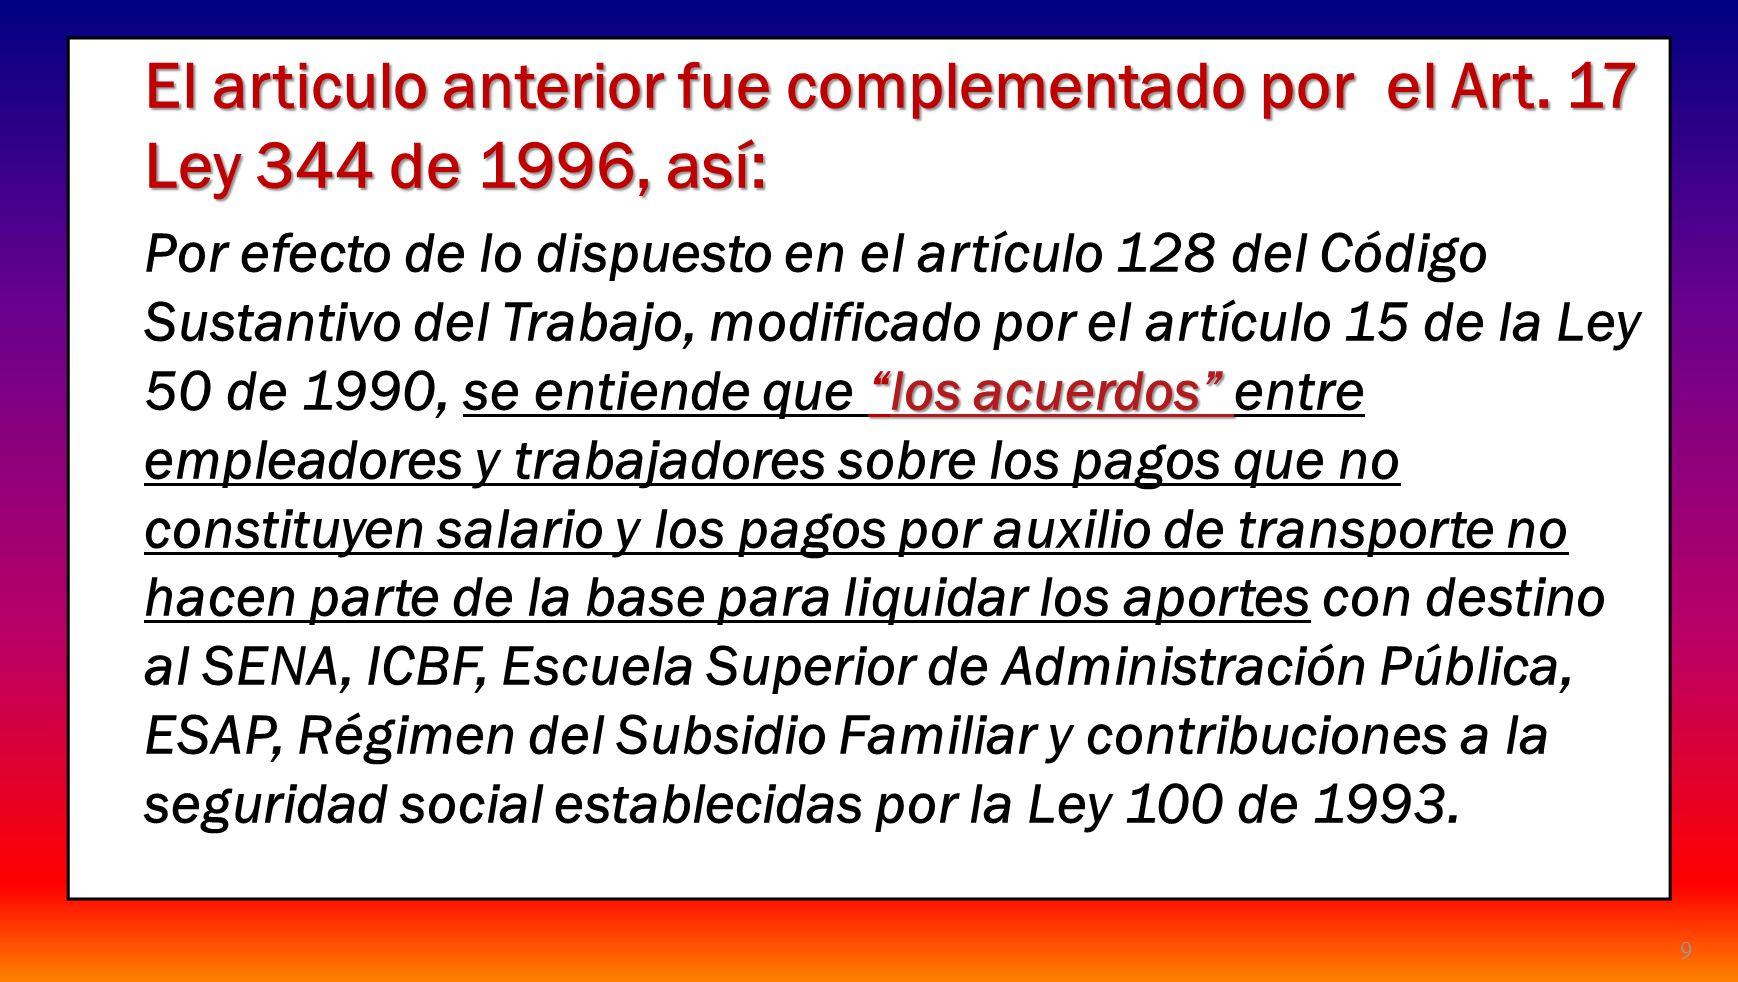 9 El articulo anterior fue complementado por el Art. 17 Ley 344 de 1996, así: los acuerdos Por efecto de lo dispuesto en el artículo 128 del Código Su